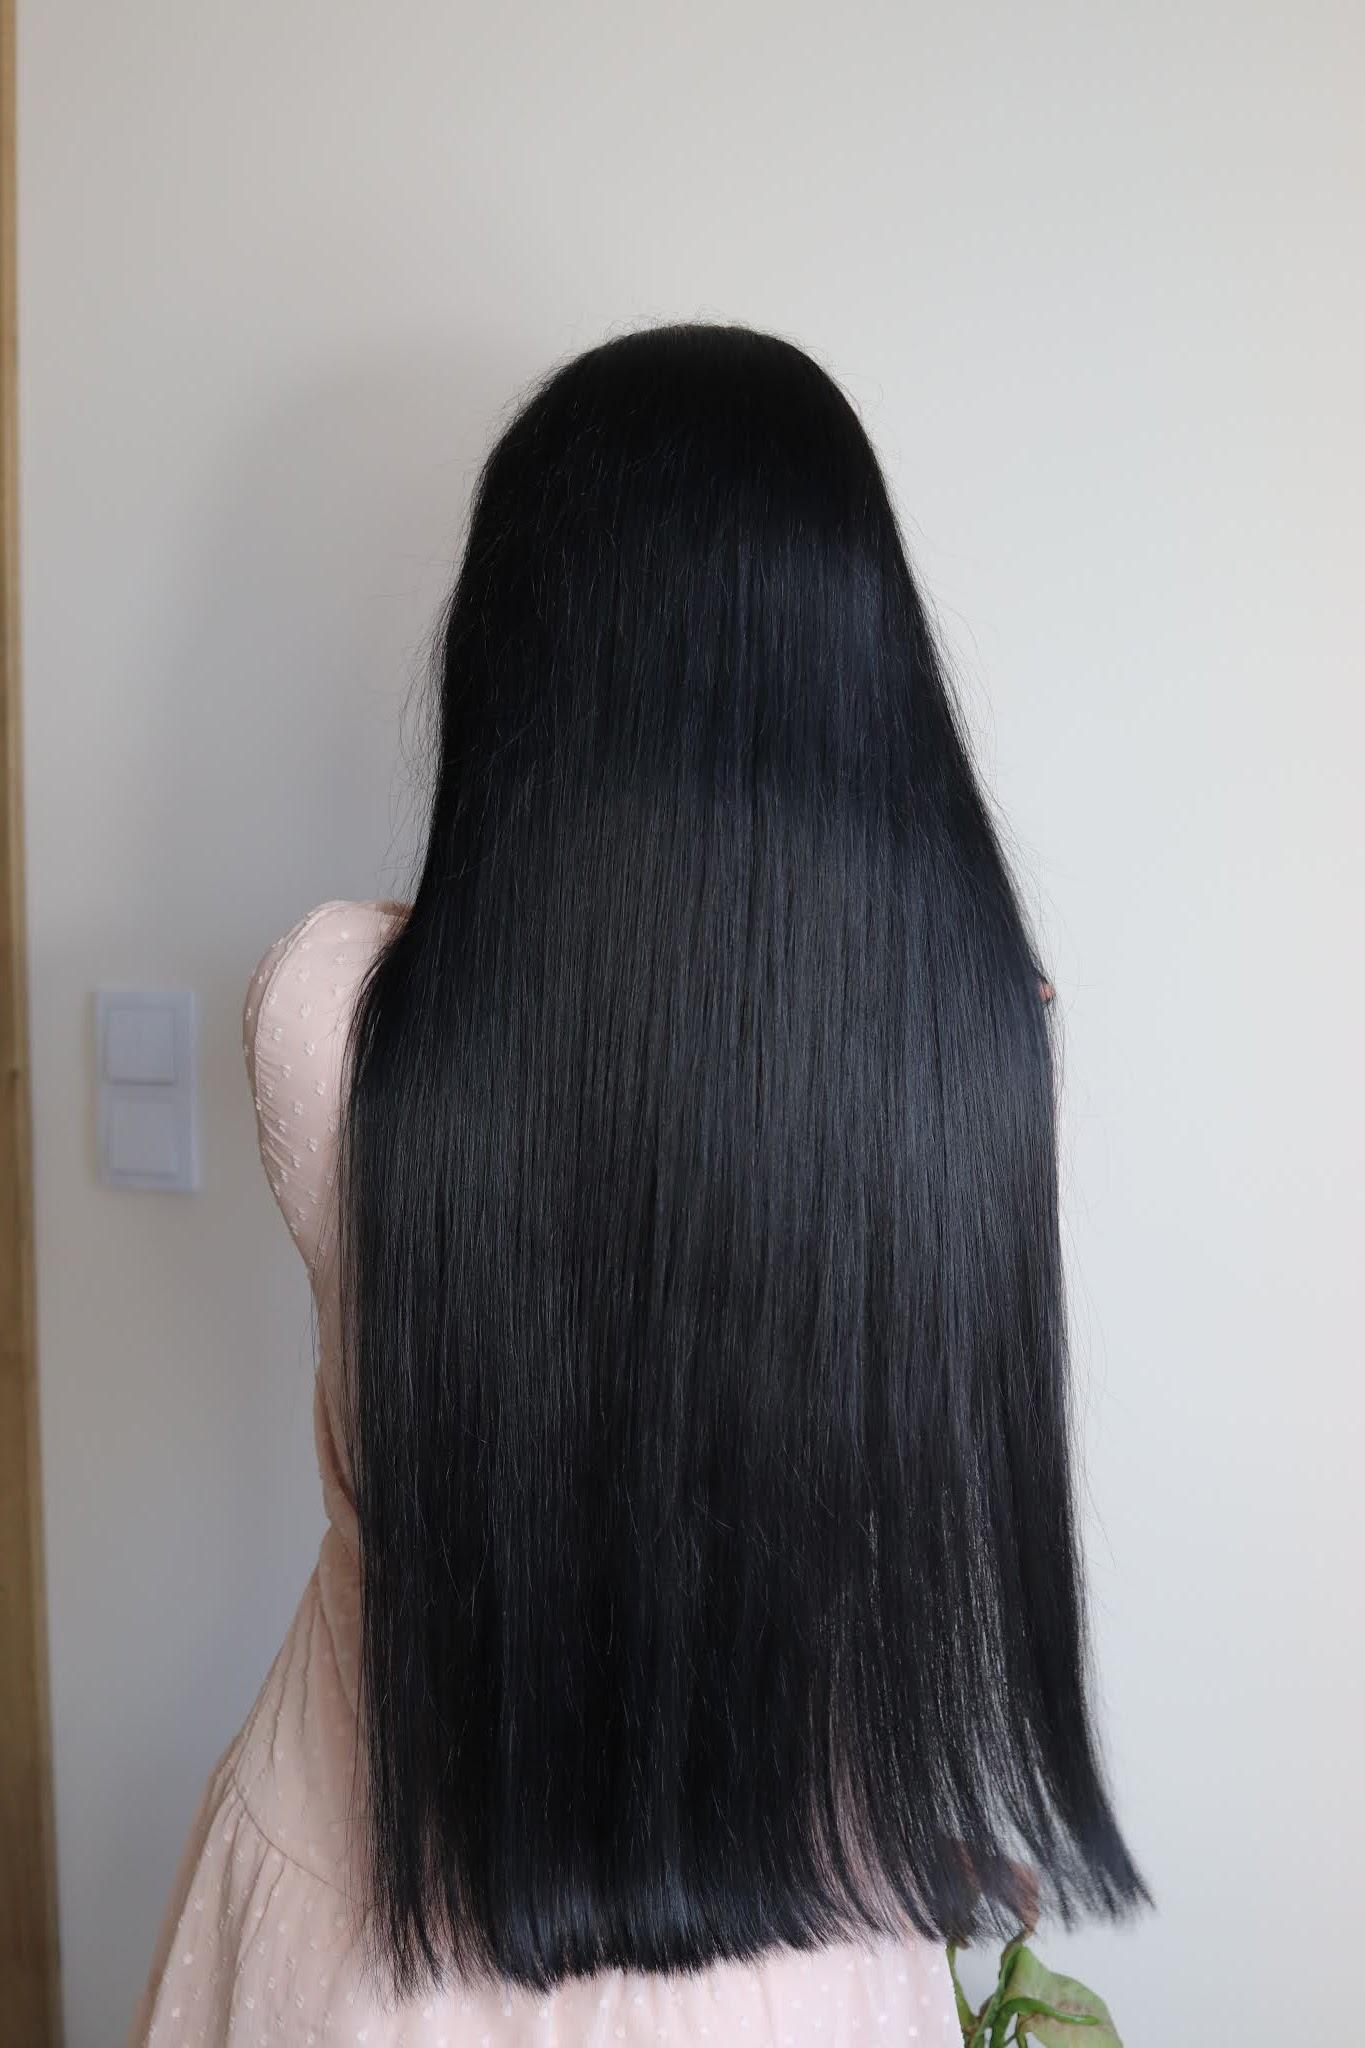 włosy po farbowaniu ziołami